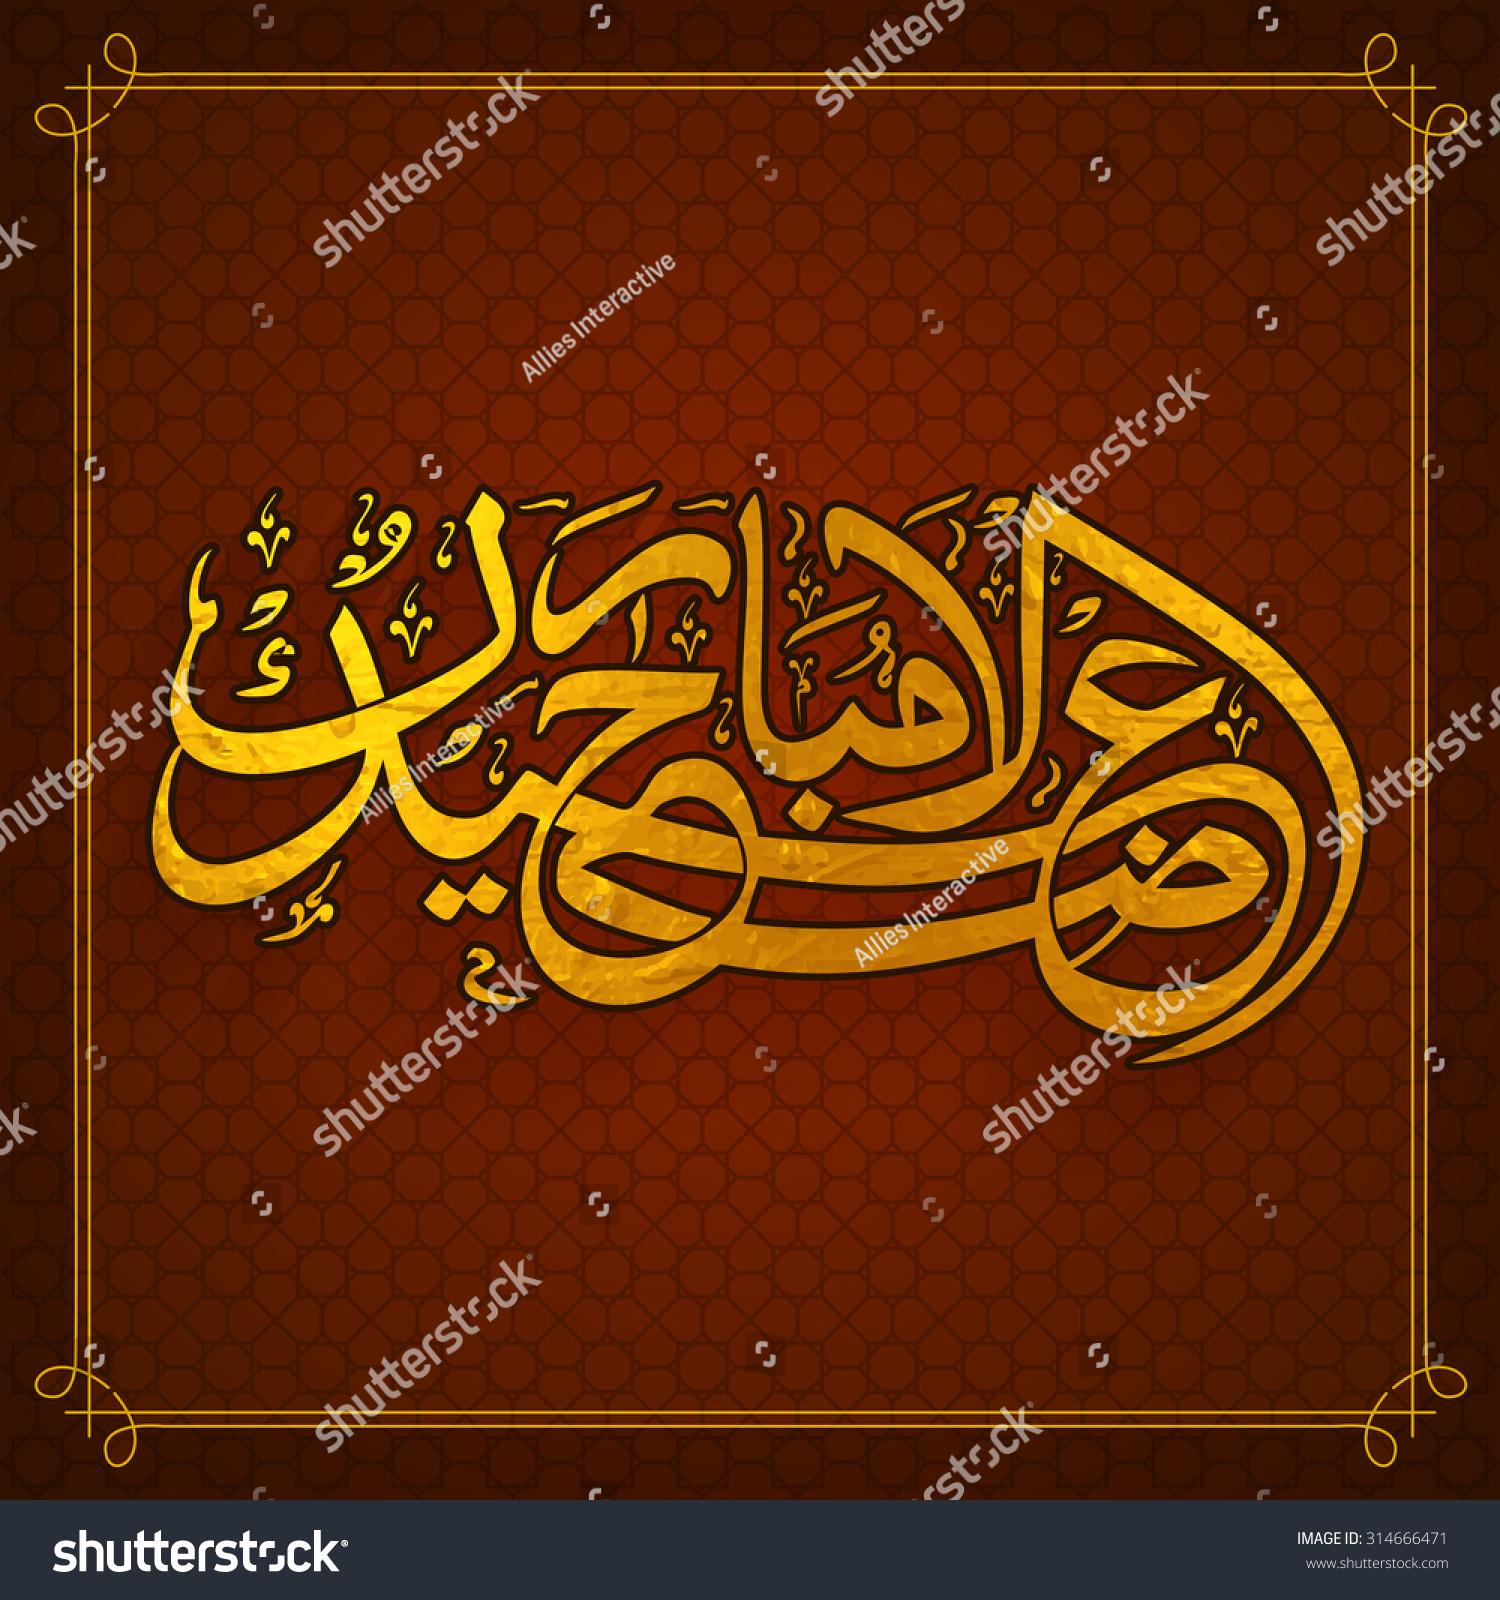 Elegant greeting card design shiny arabic stock vector 314666471 elegant greeting card design with shiny arabic calligraphy text eid al adha mubarak for kristyandbryce Gallery